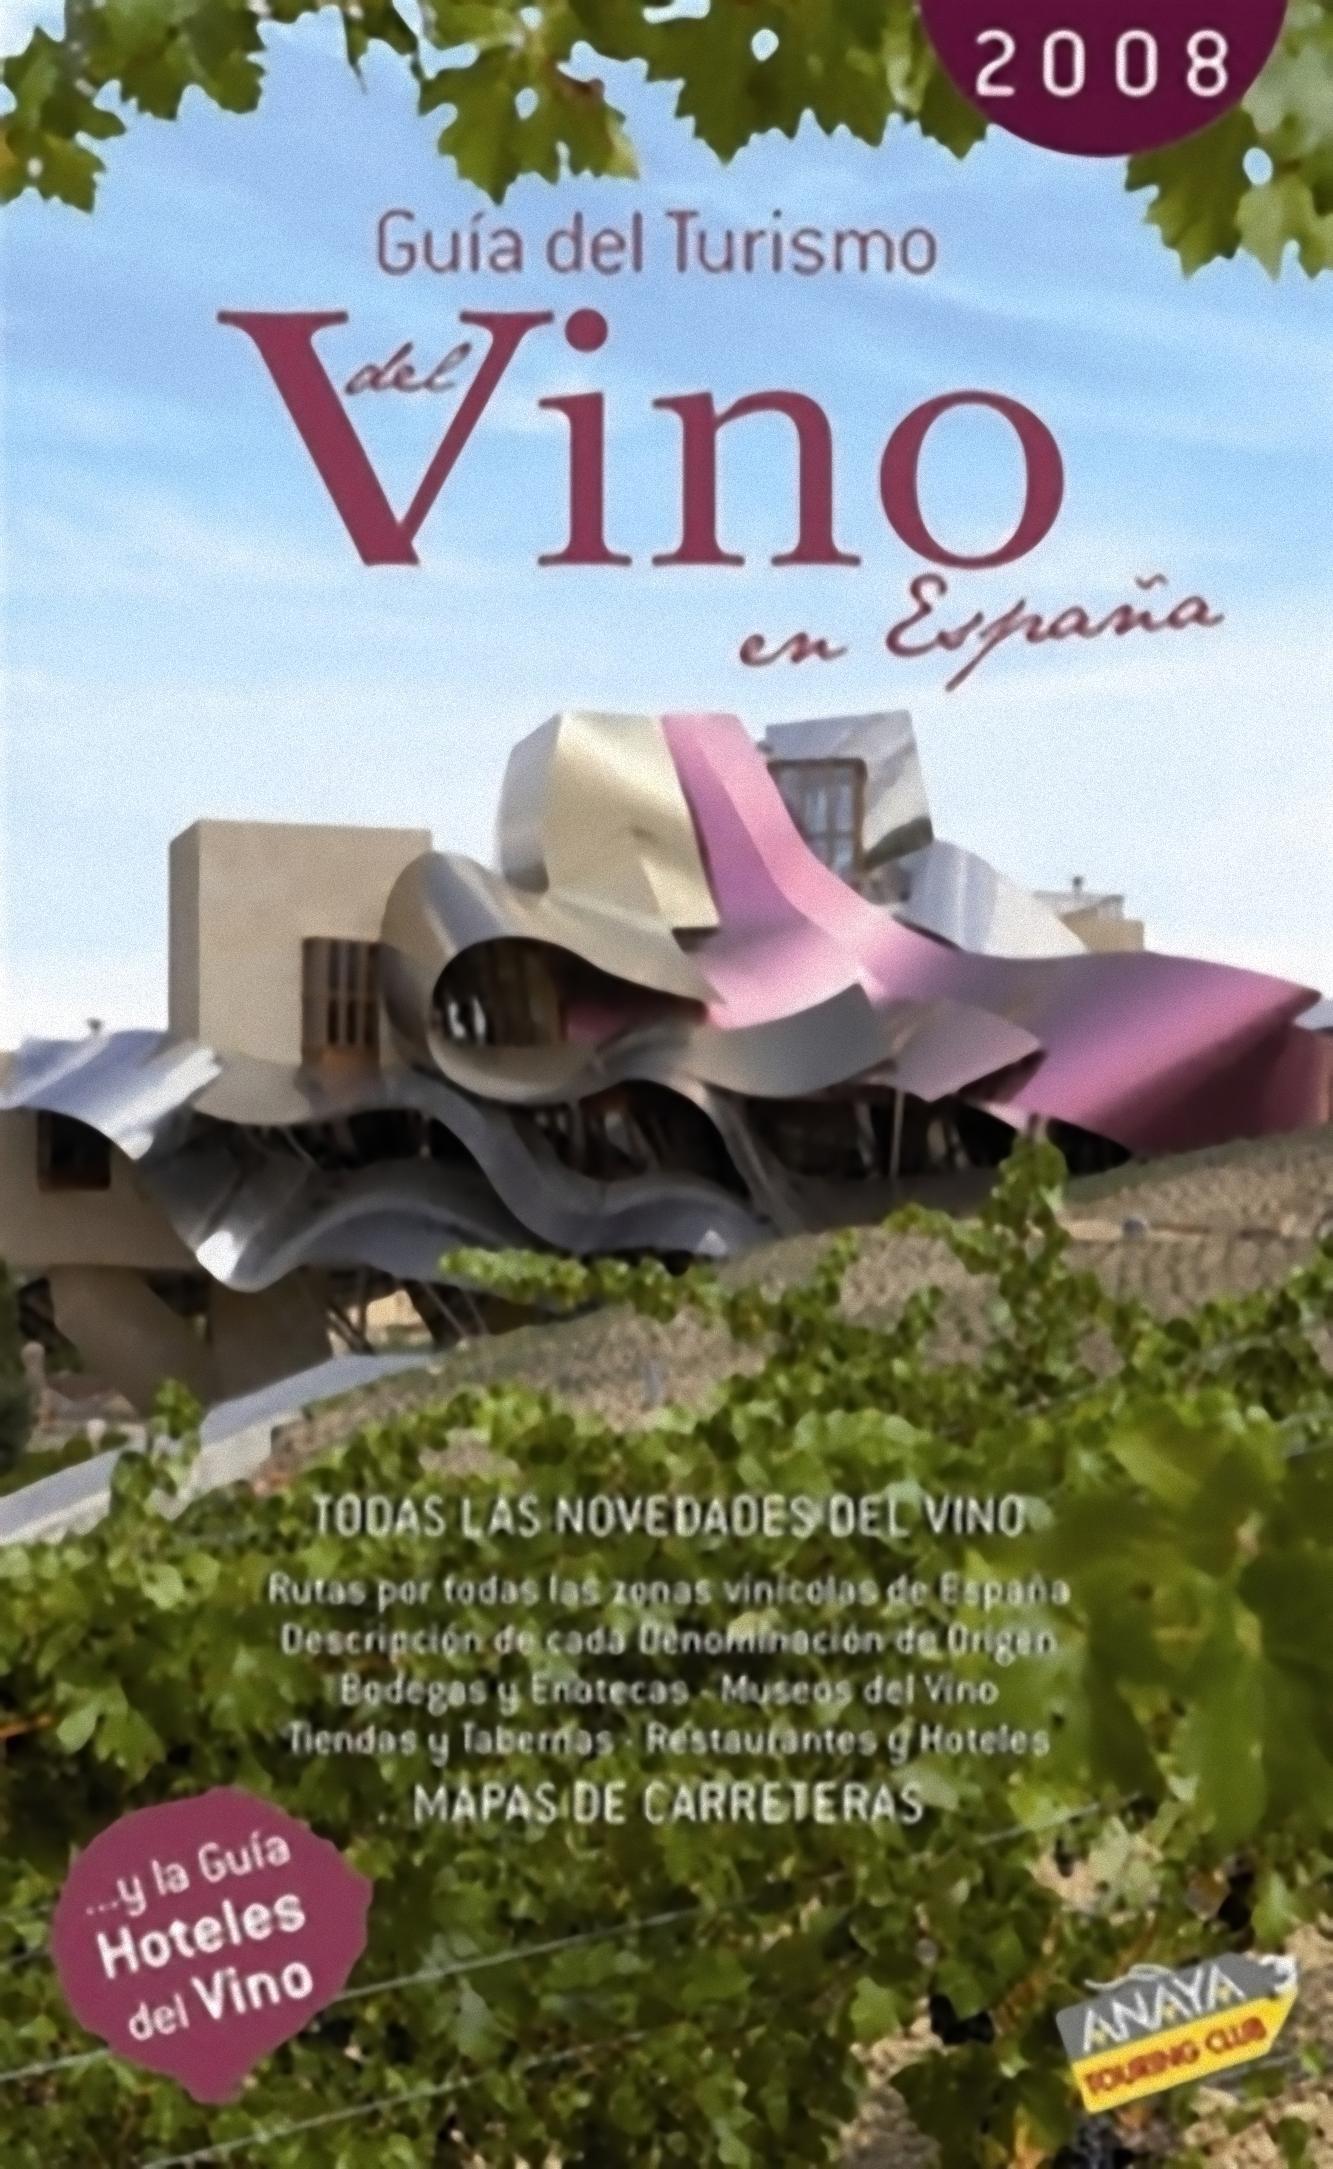 Guía del Turismo del Vino 2008